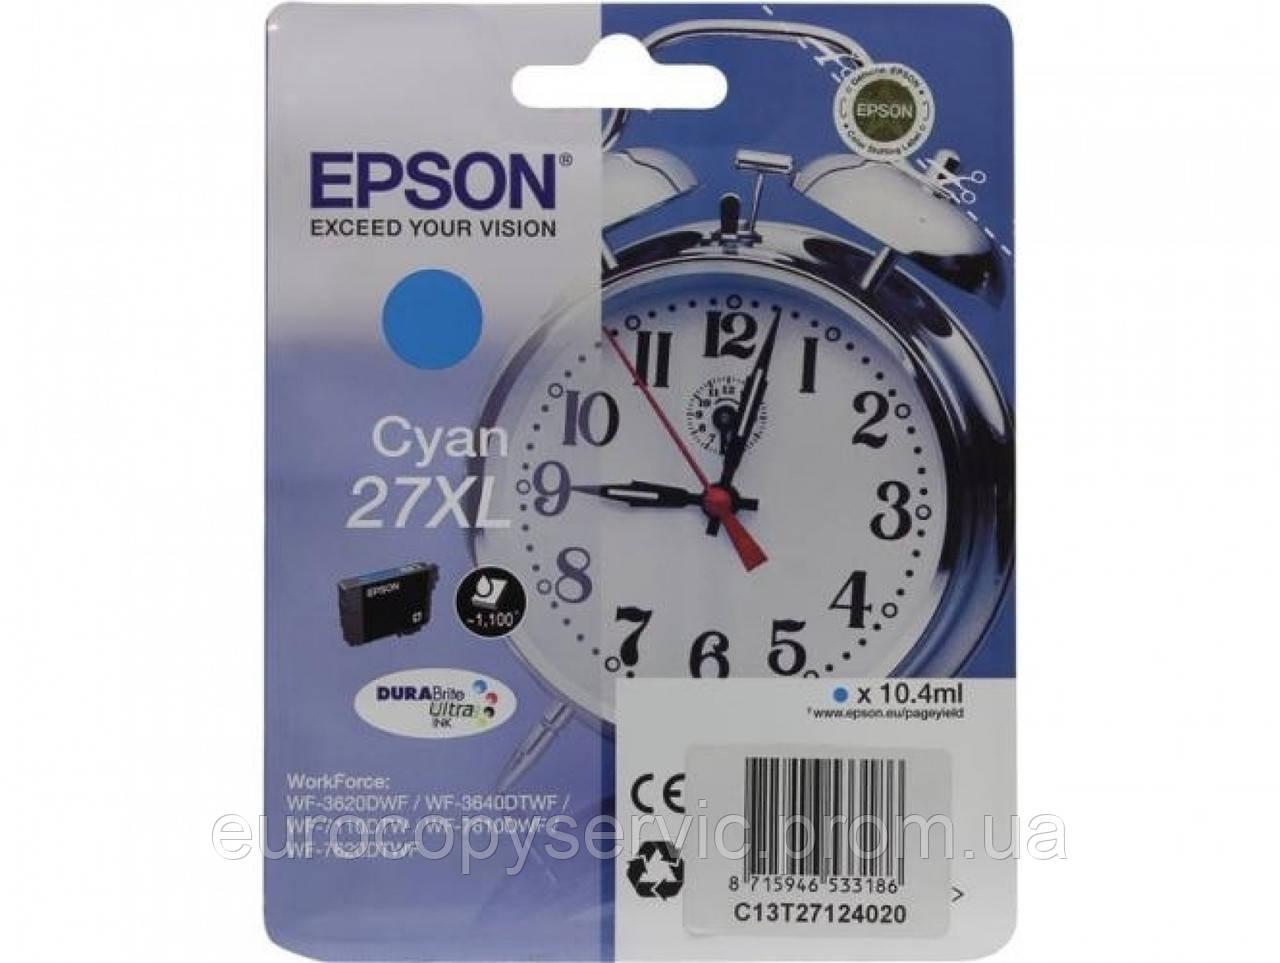 Картридж Epson WF7110 Cyan (C13T27124022)